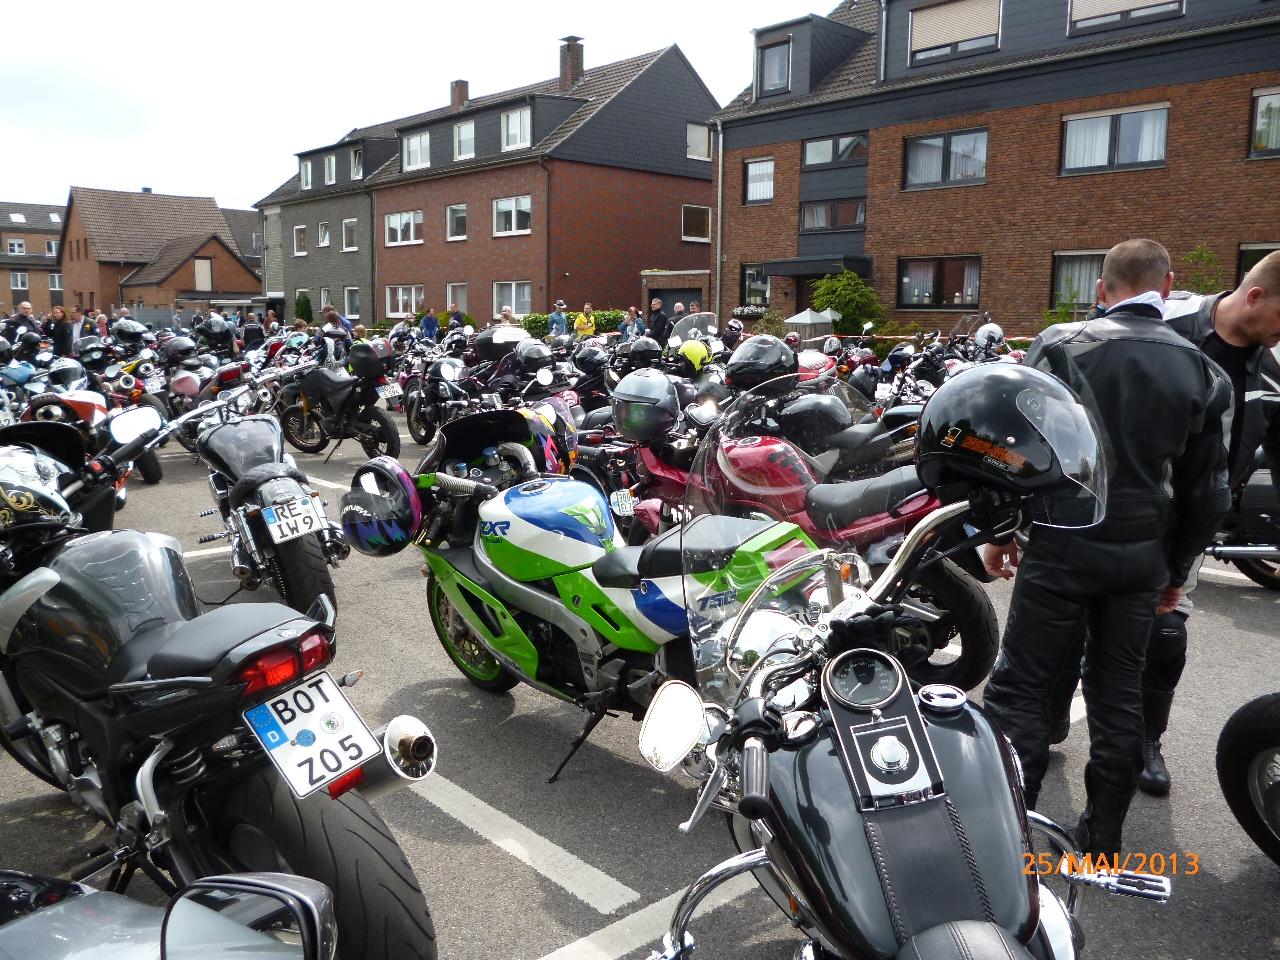 32-motorradfahrer-gottesdienst_2013_59